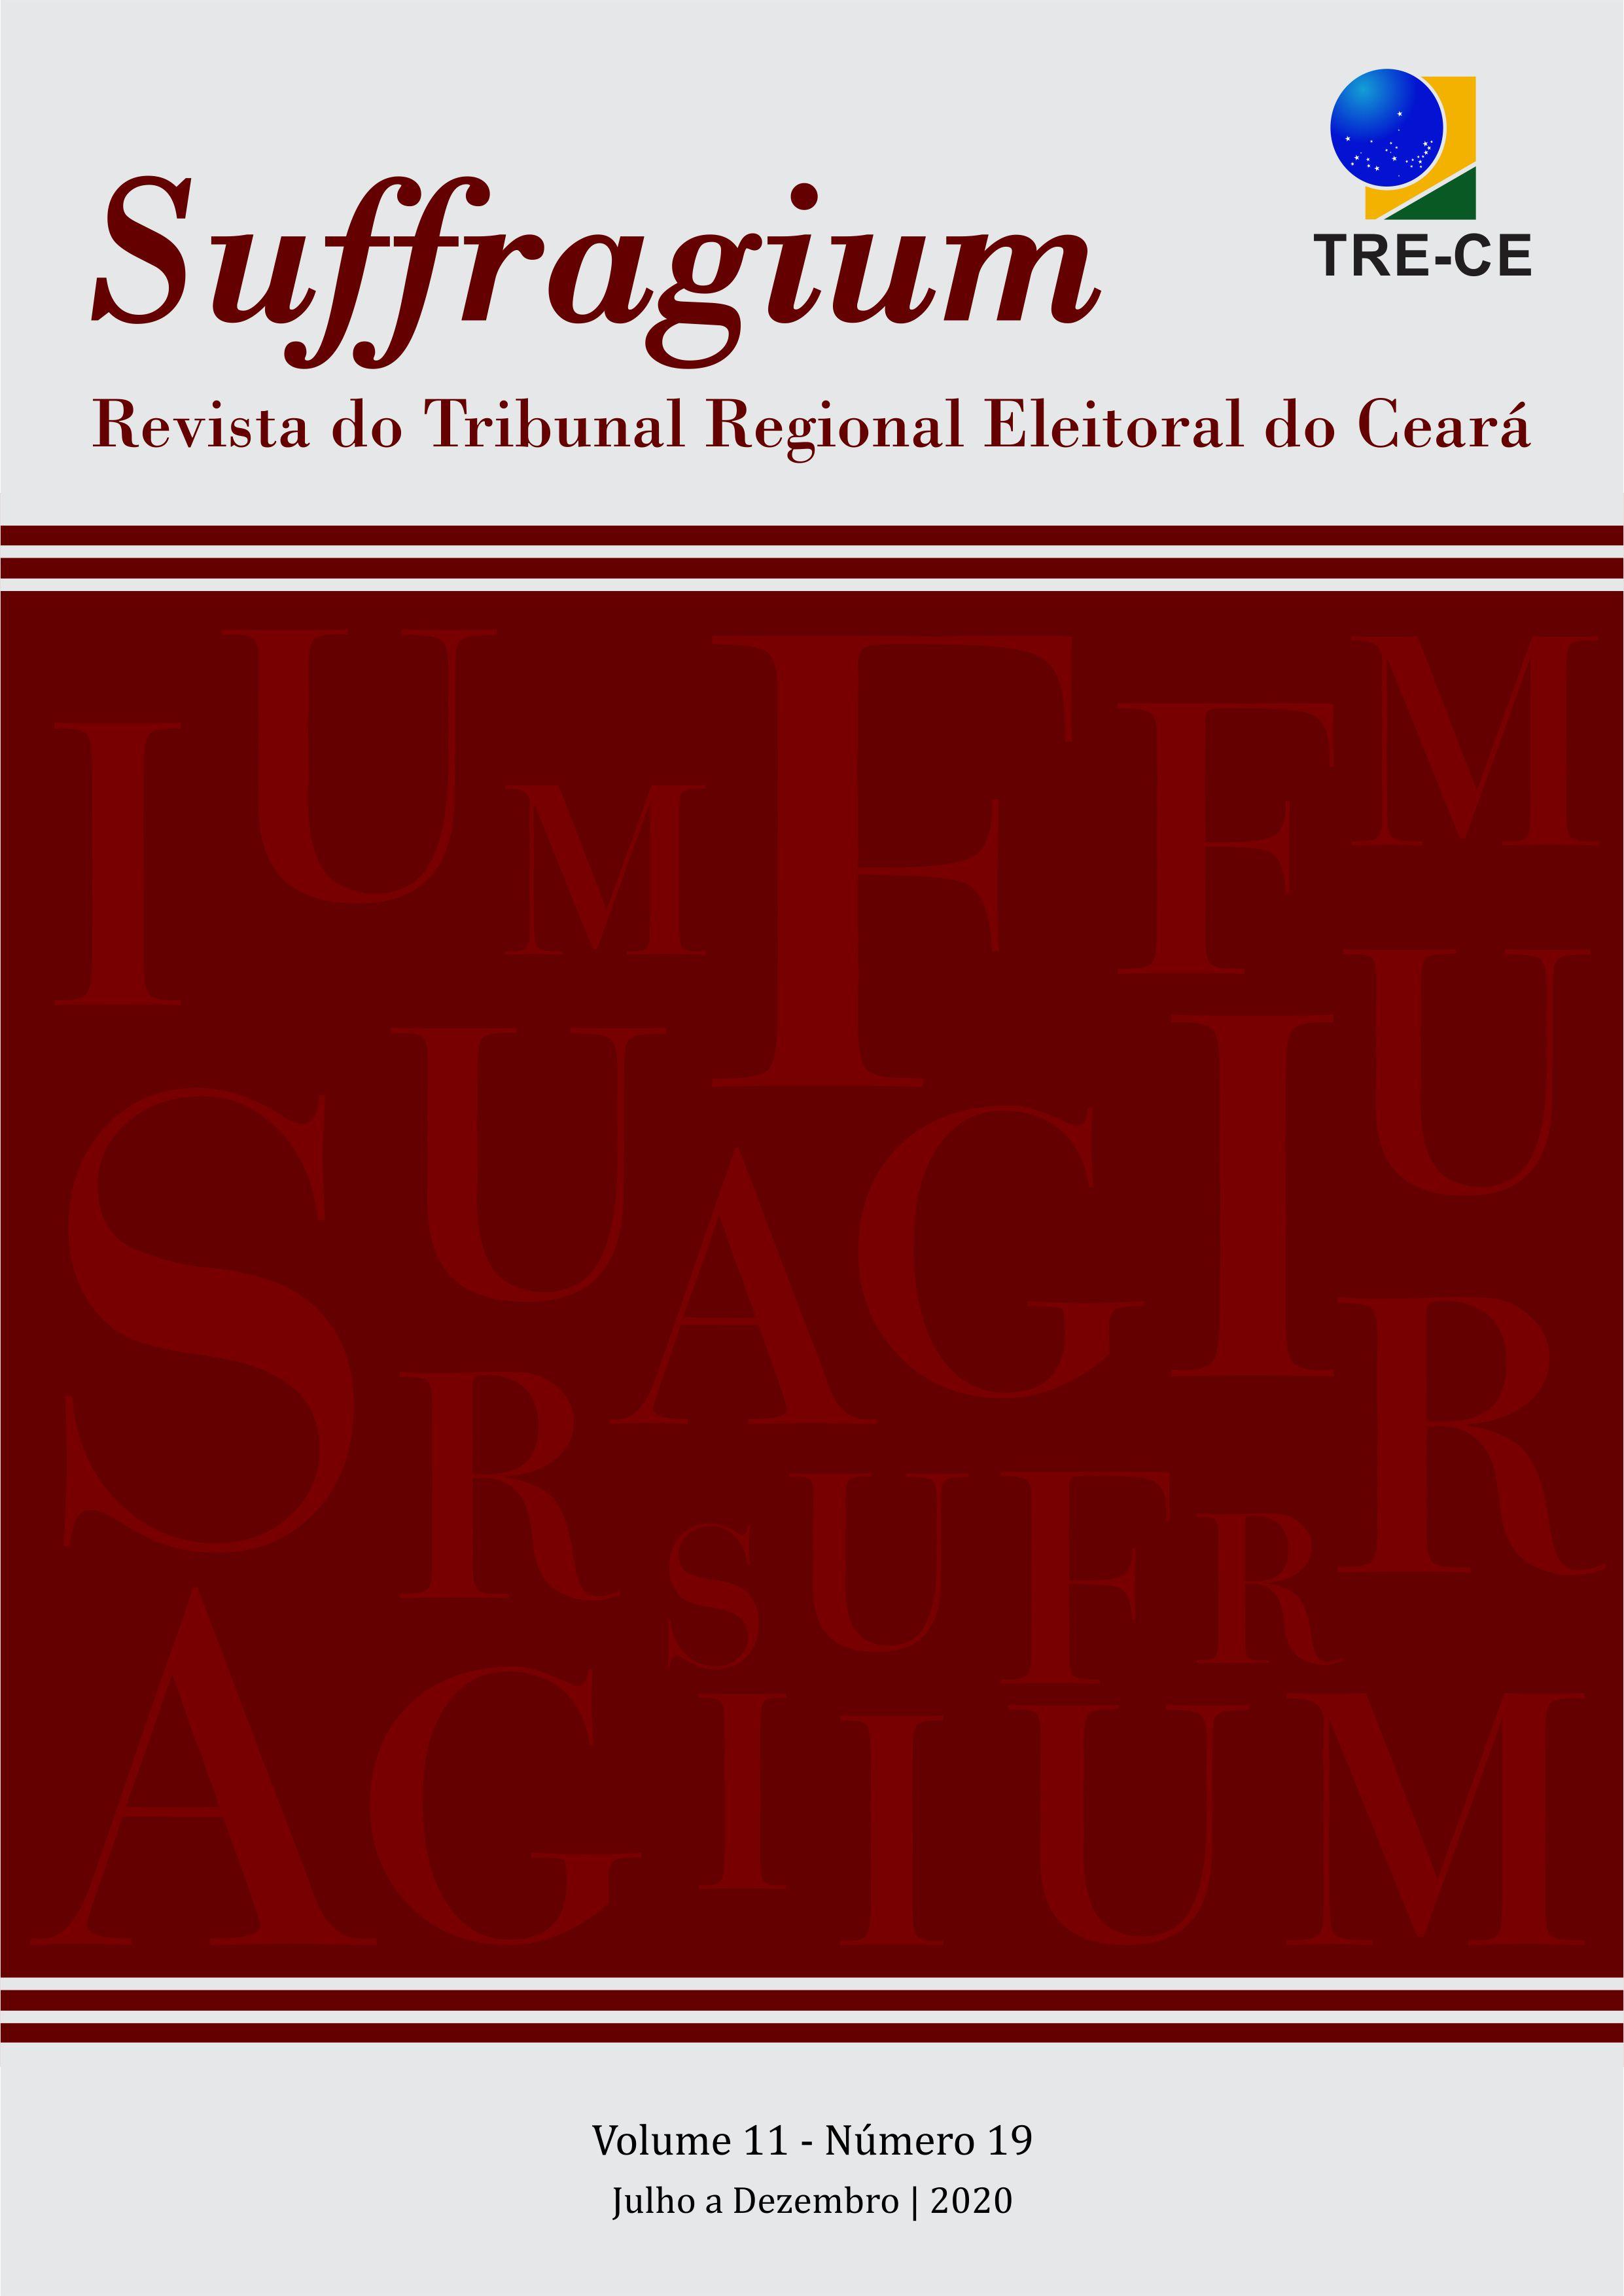 Visualizar v. 11 n. 19 (2020): Suffragium - Revista do Tribunal Regional Eleitoral do Ceará